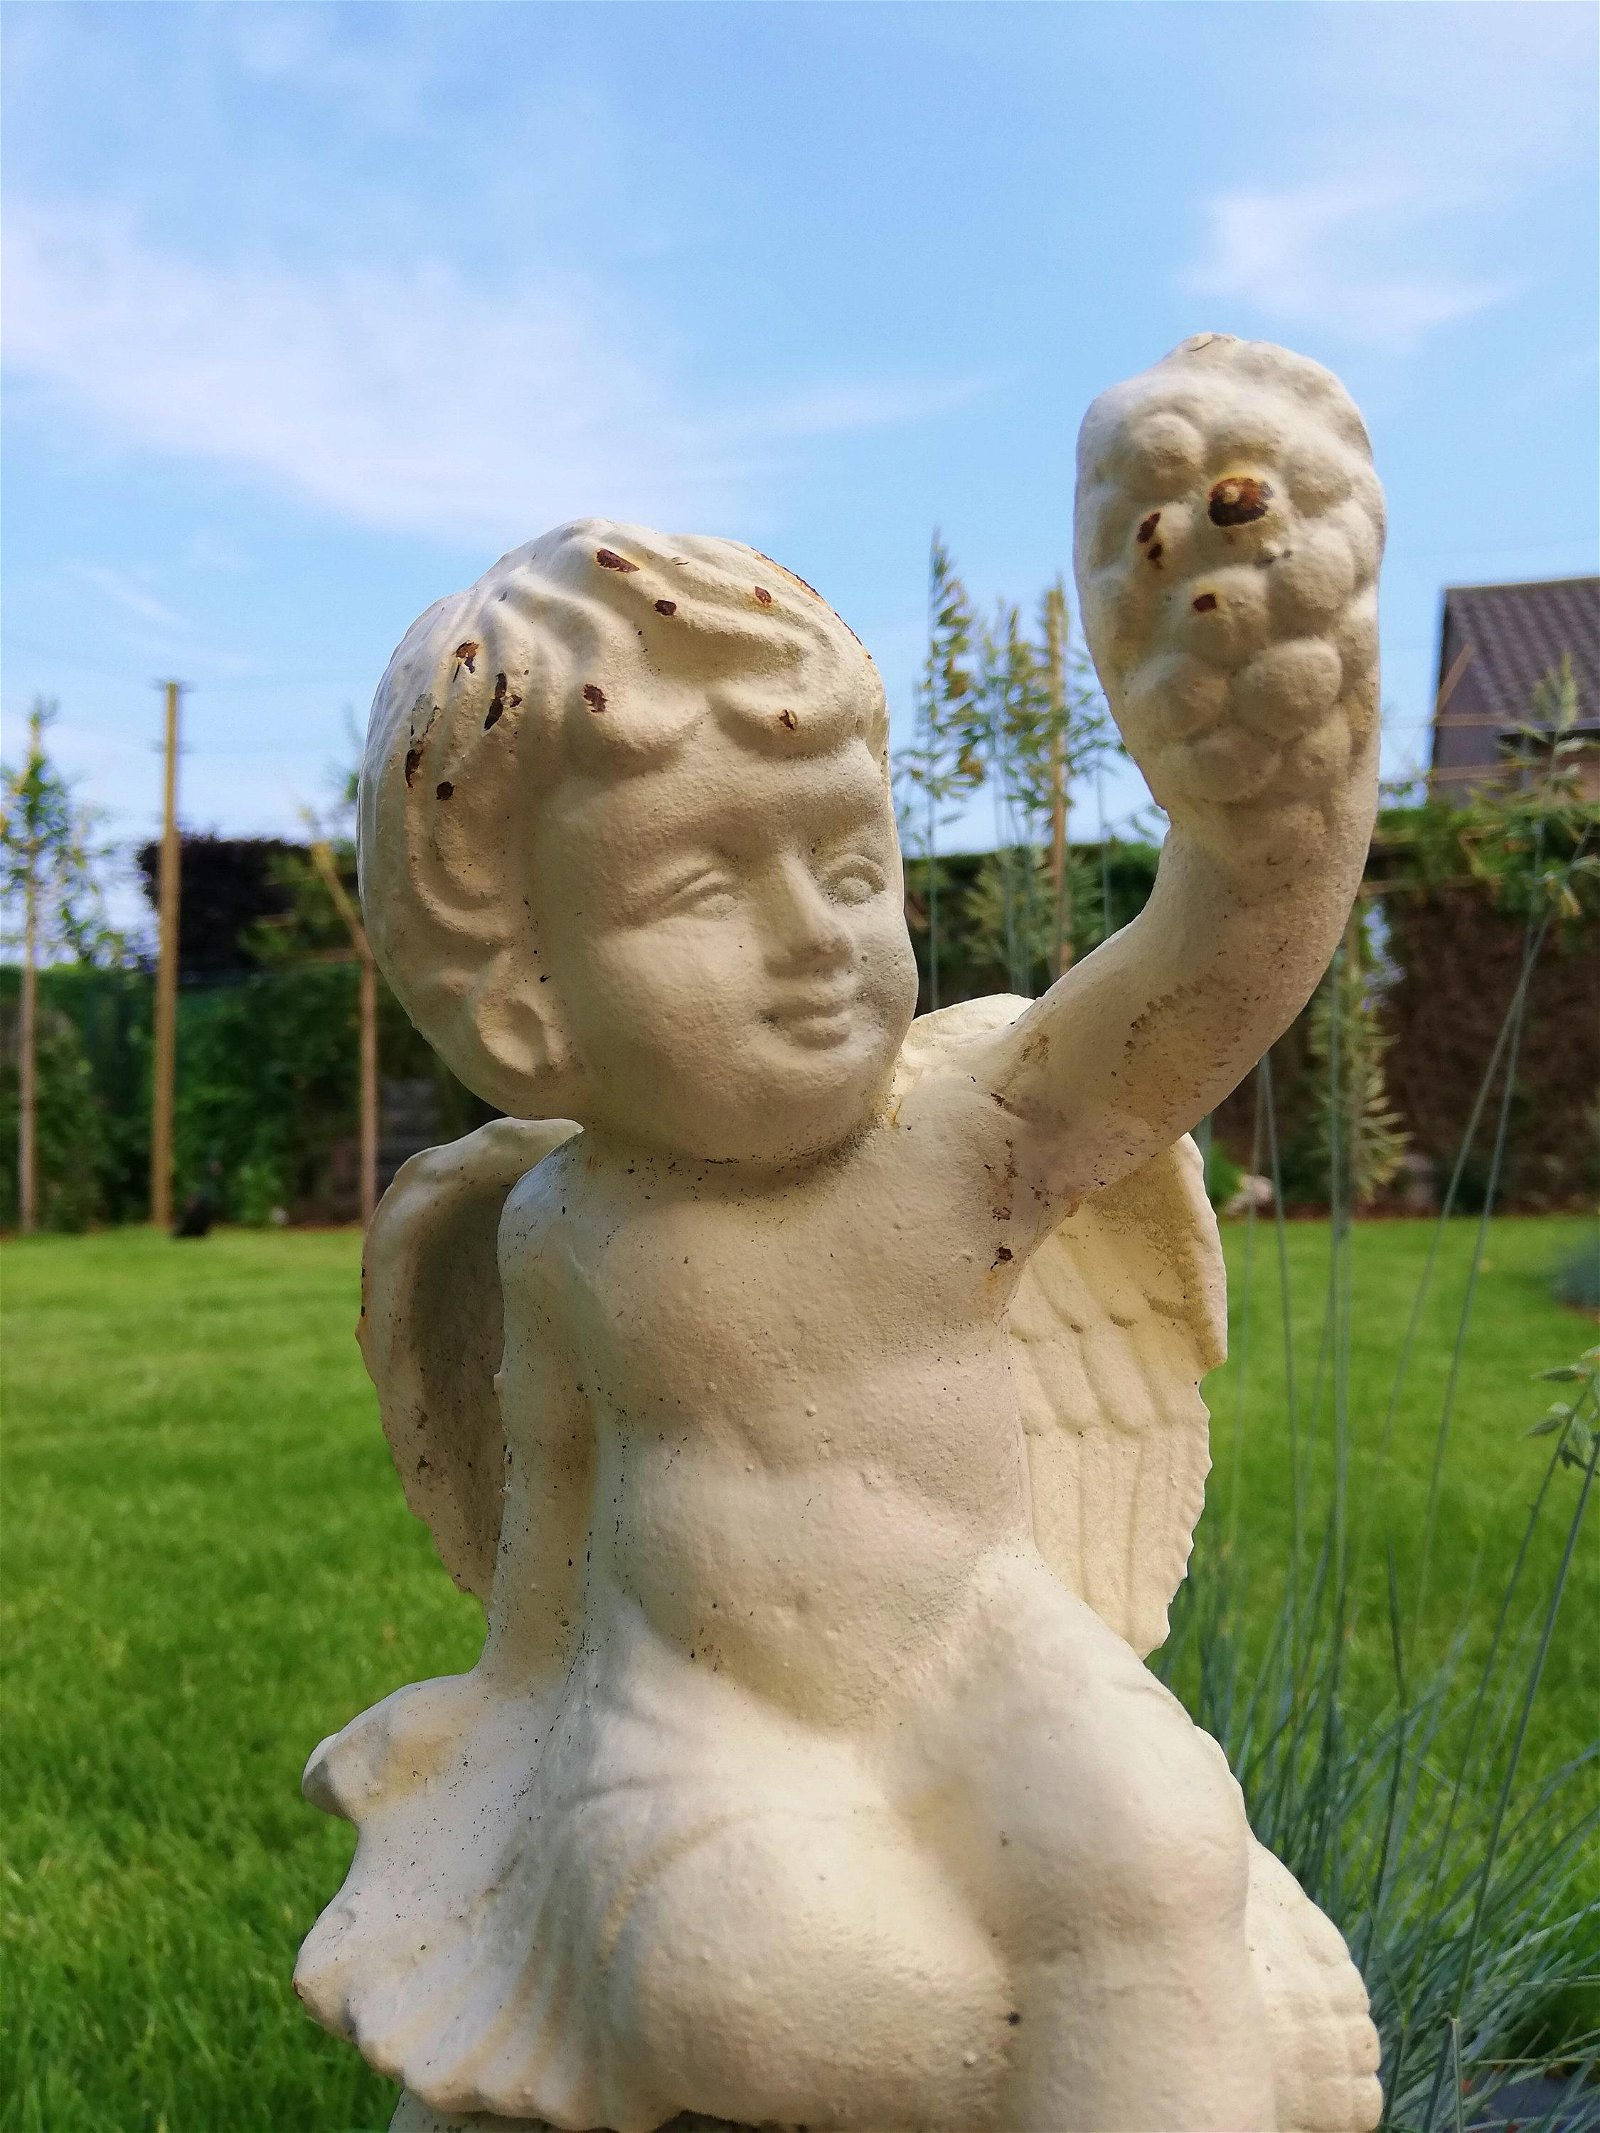 A vintage Cast iron Angel sculpture - Putto sculpture